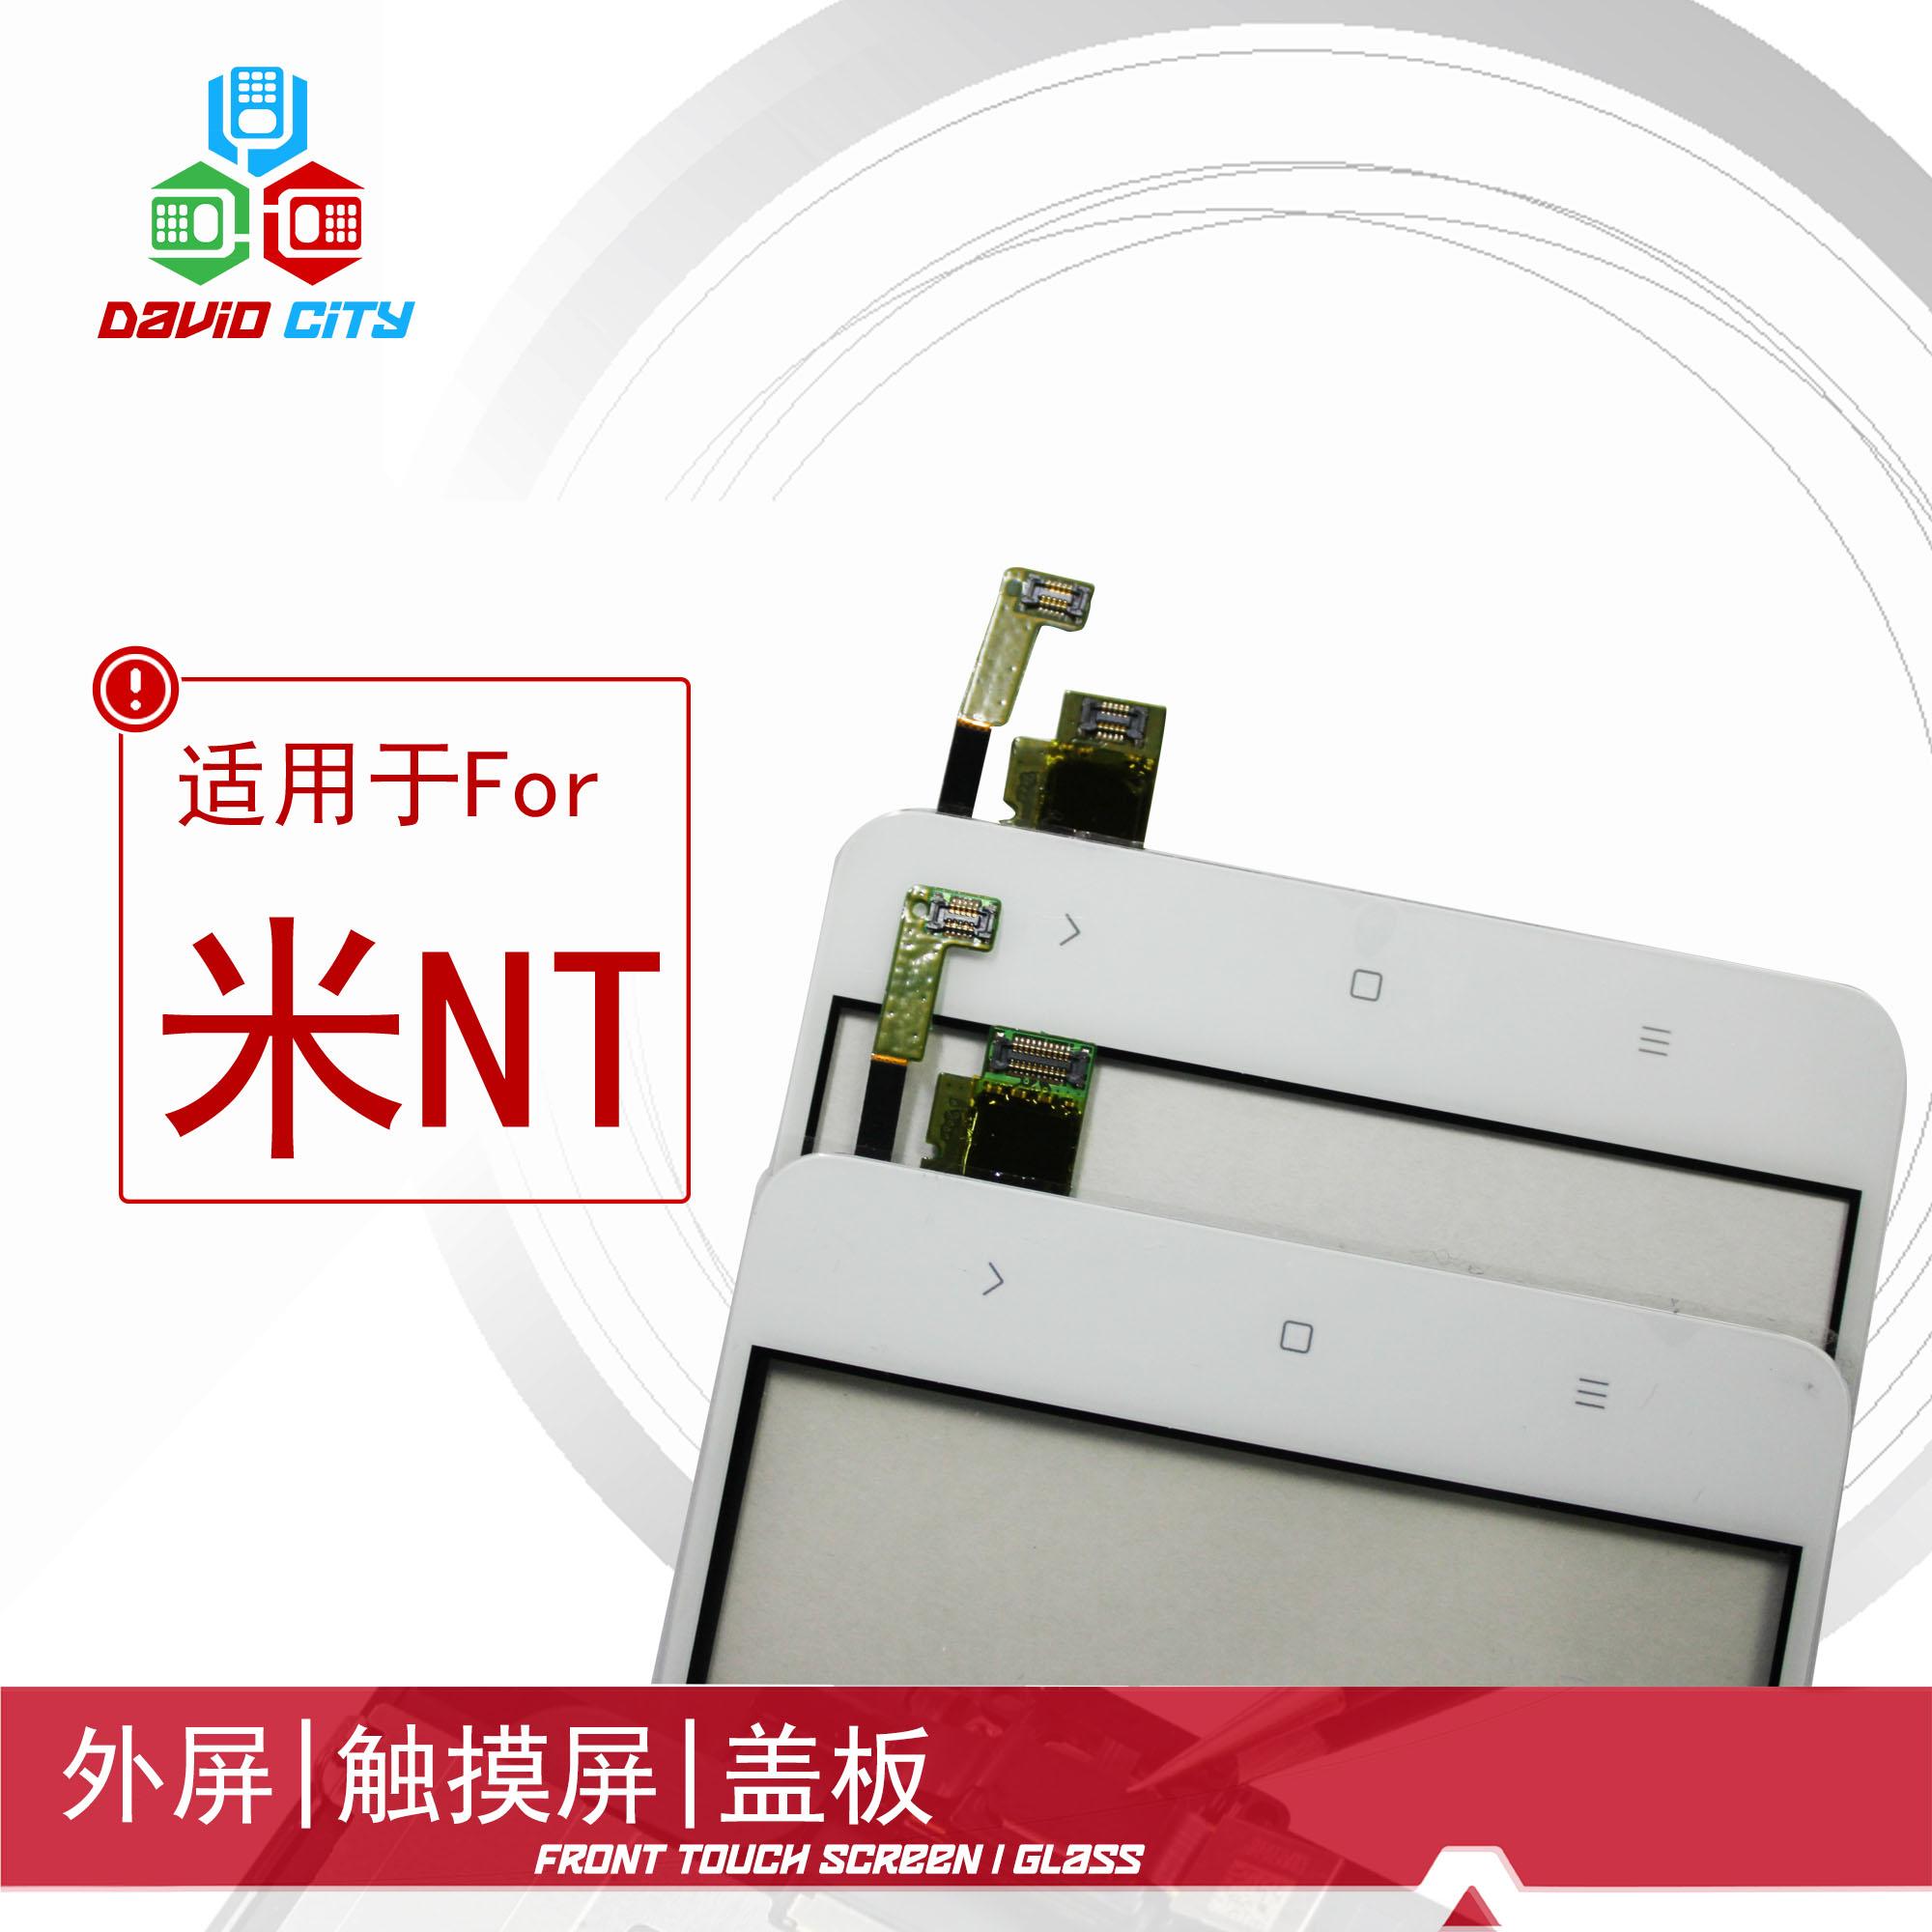 大衛螢幕適用小米note手機顯示屏 mi NOTE液晶觸控內外屏一體總成